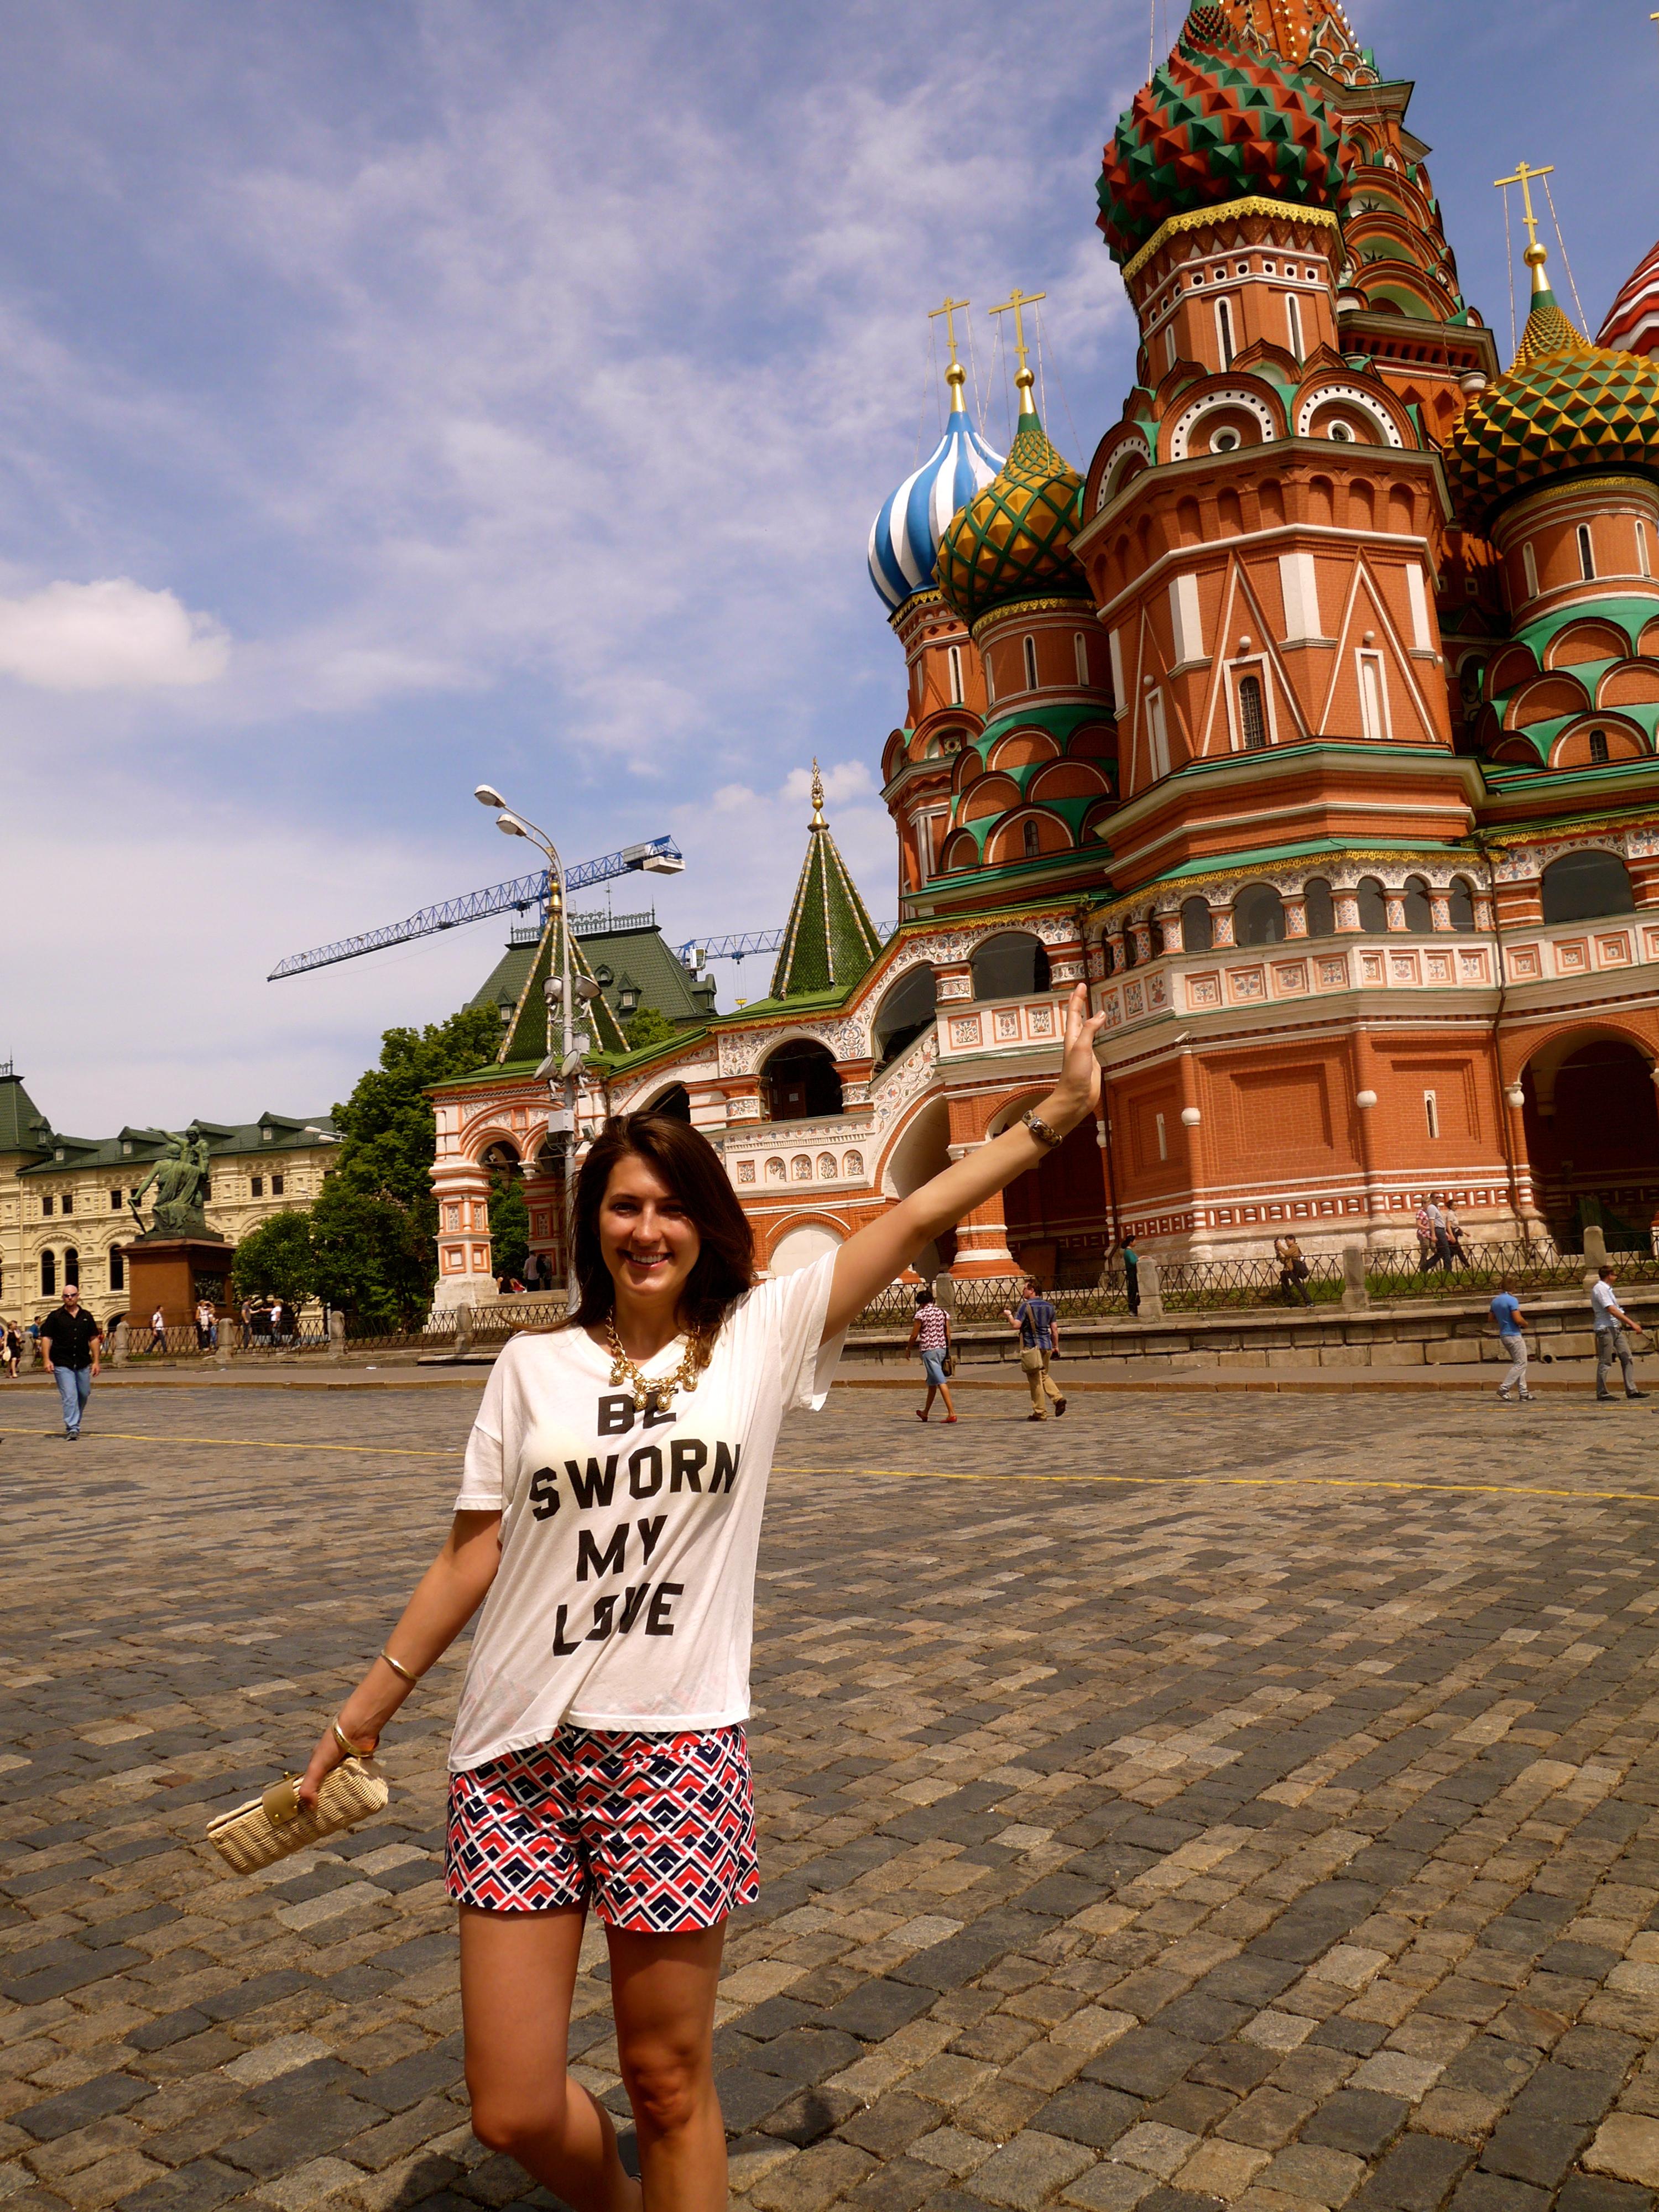 Red Square | godsavethescene